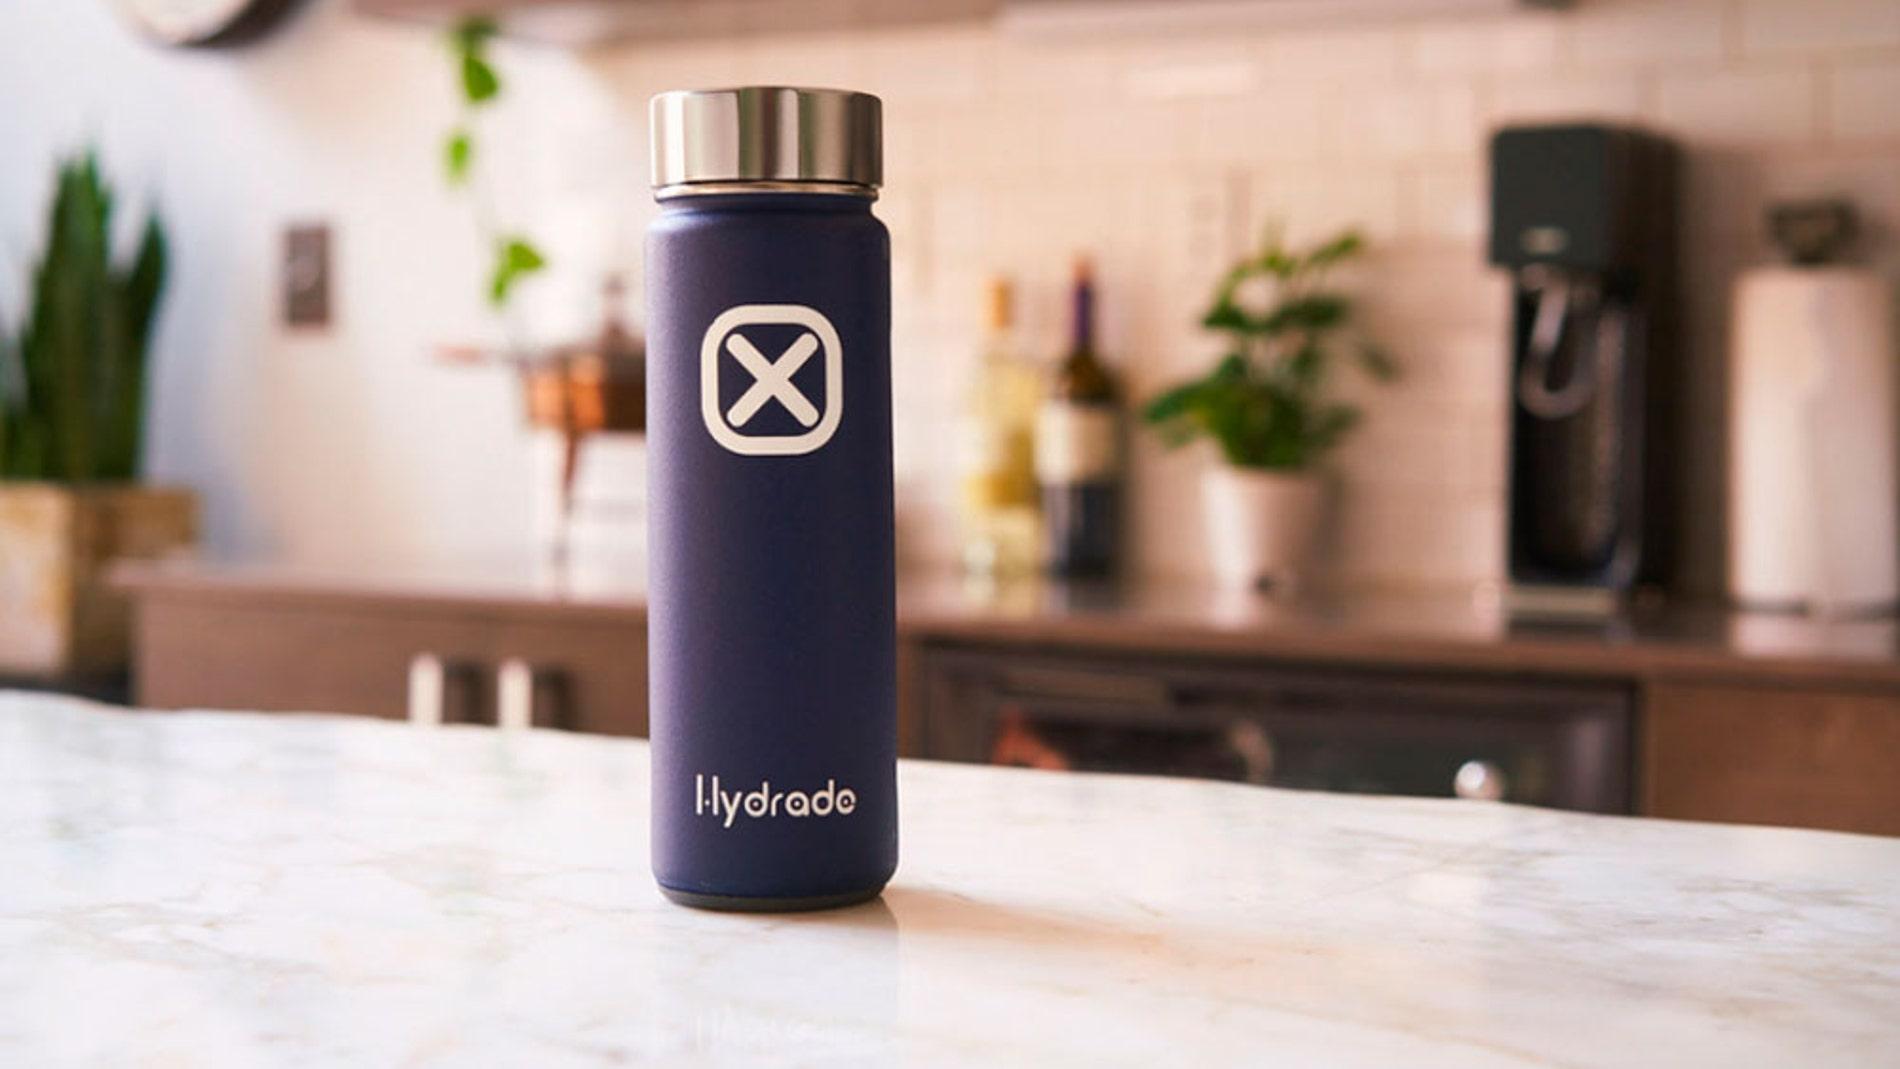 Botella de agua Hydrade